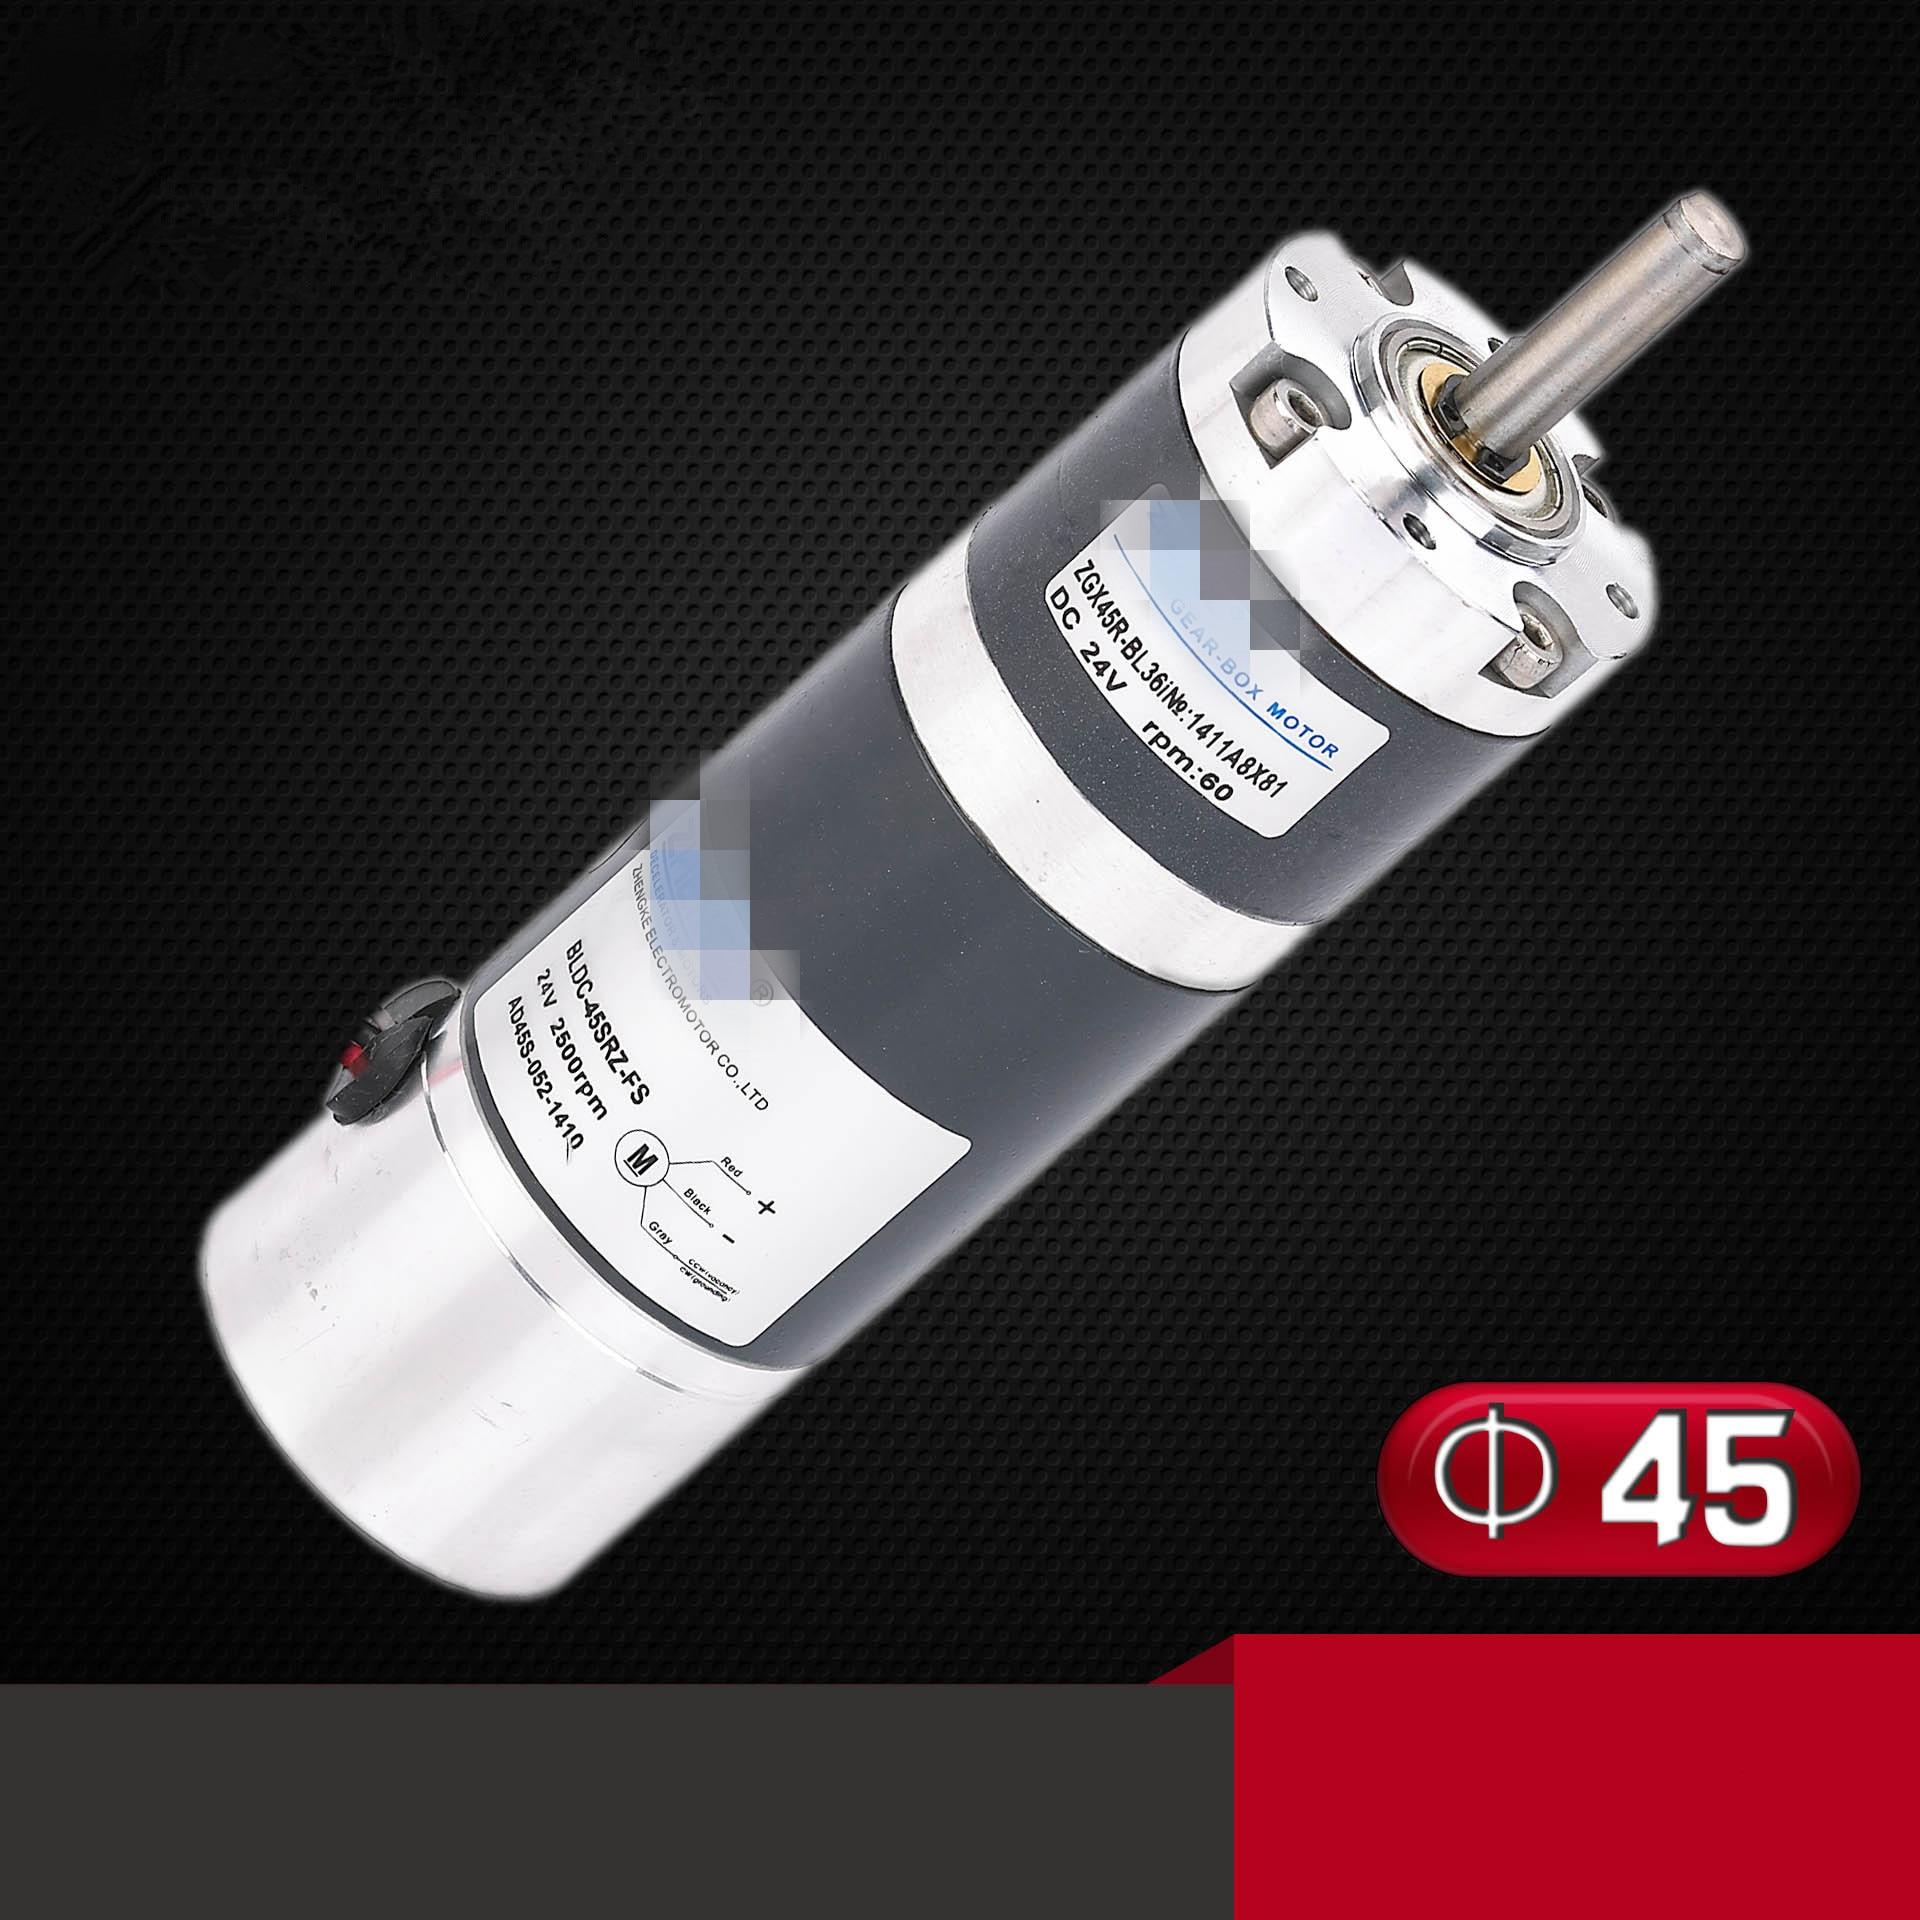 Moteur à engrenages planétaires sans brosse ZGX45RUU vitesse constante 24V 45mm DIA 3 ligne 30 tr/min-1000 tr/min